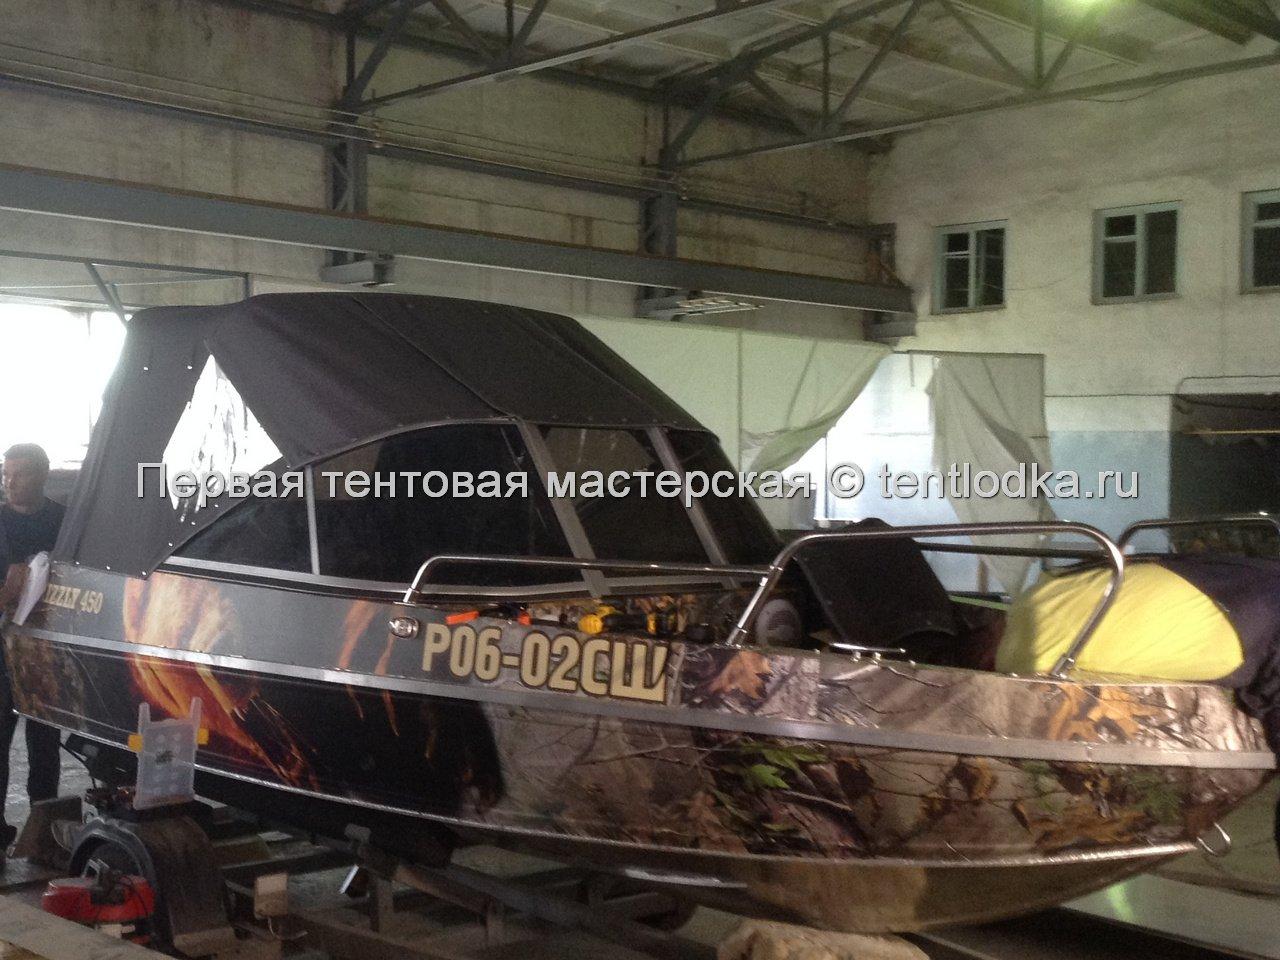 Tents_v10_010